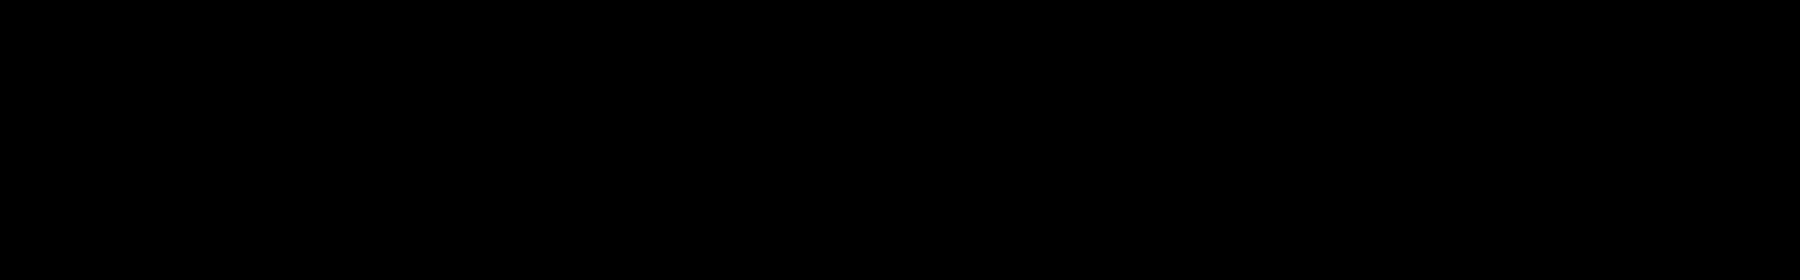 DIVA (Vocals) audio waveform